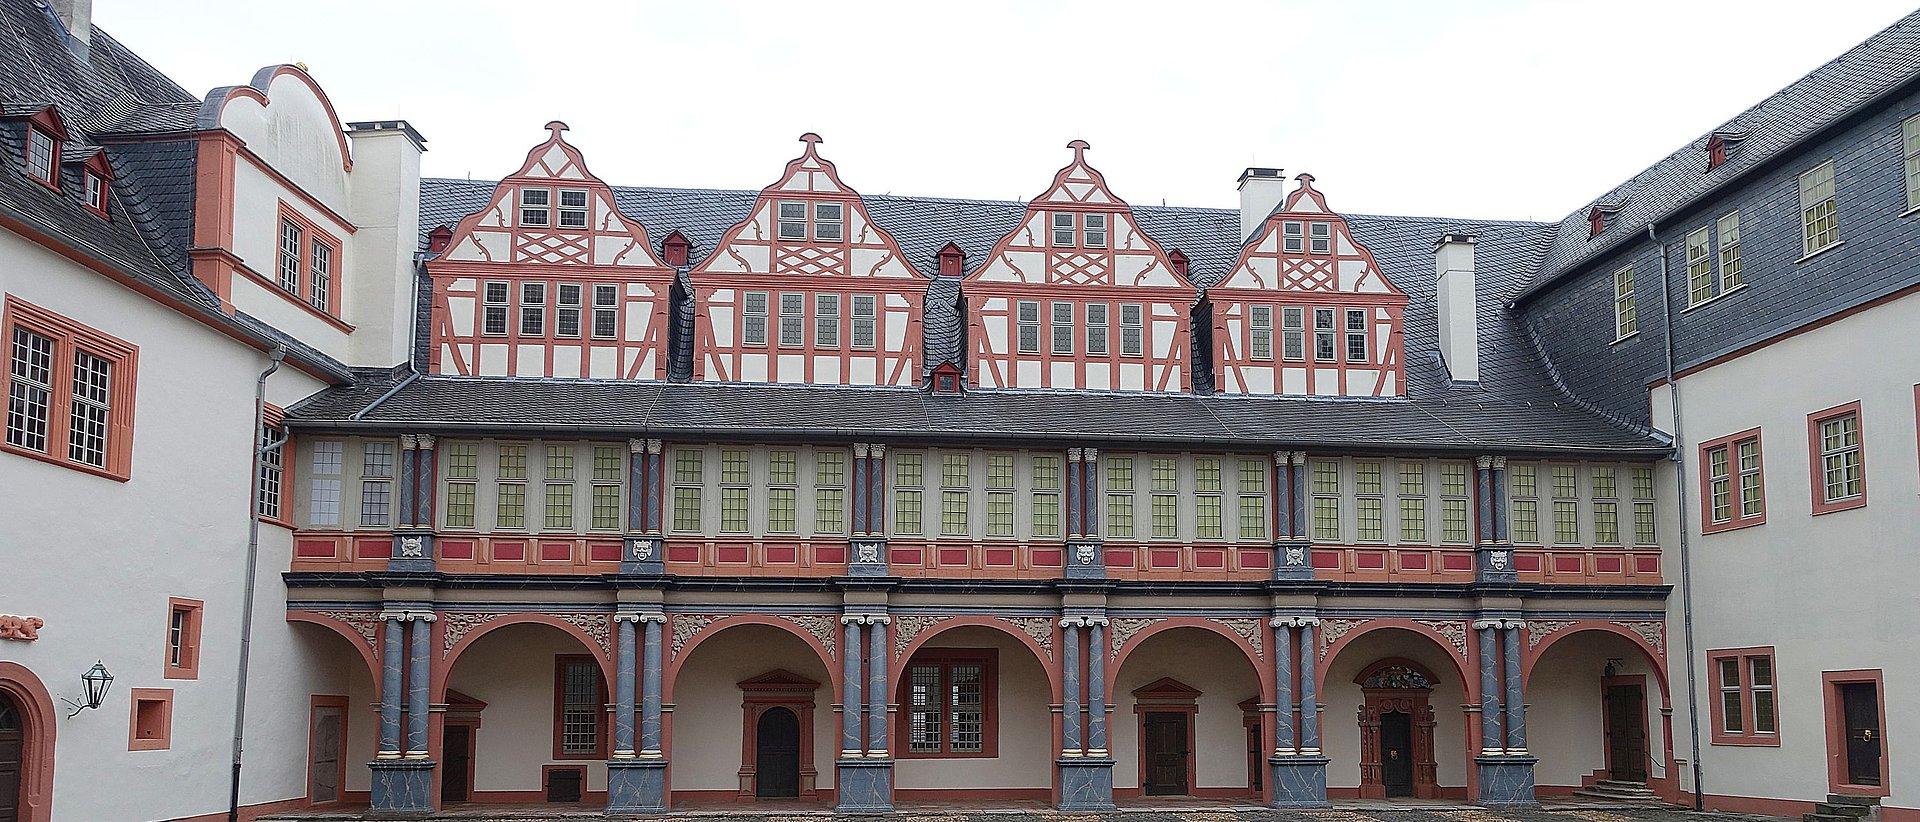 De binnenplaats van kasteel Weilburg, Lahndal